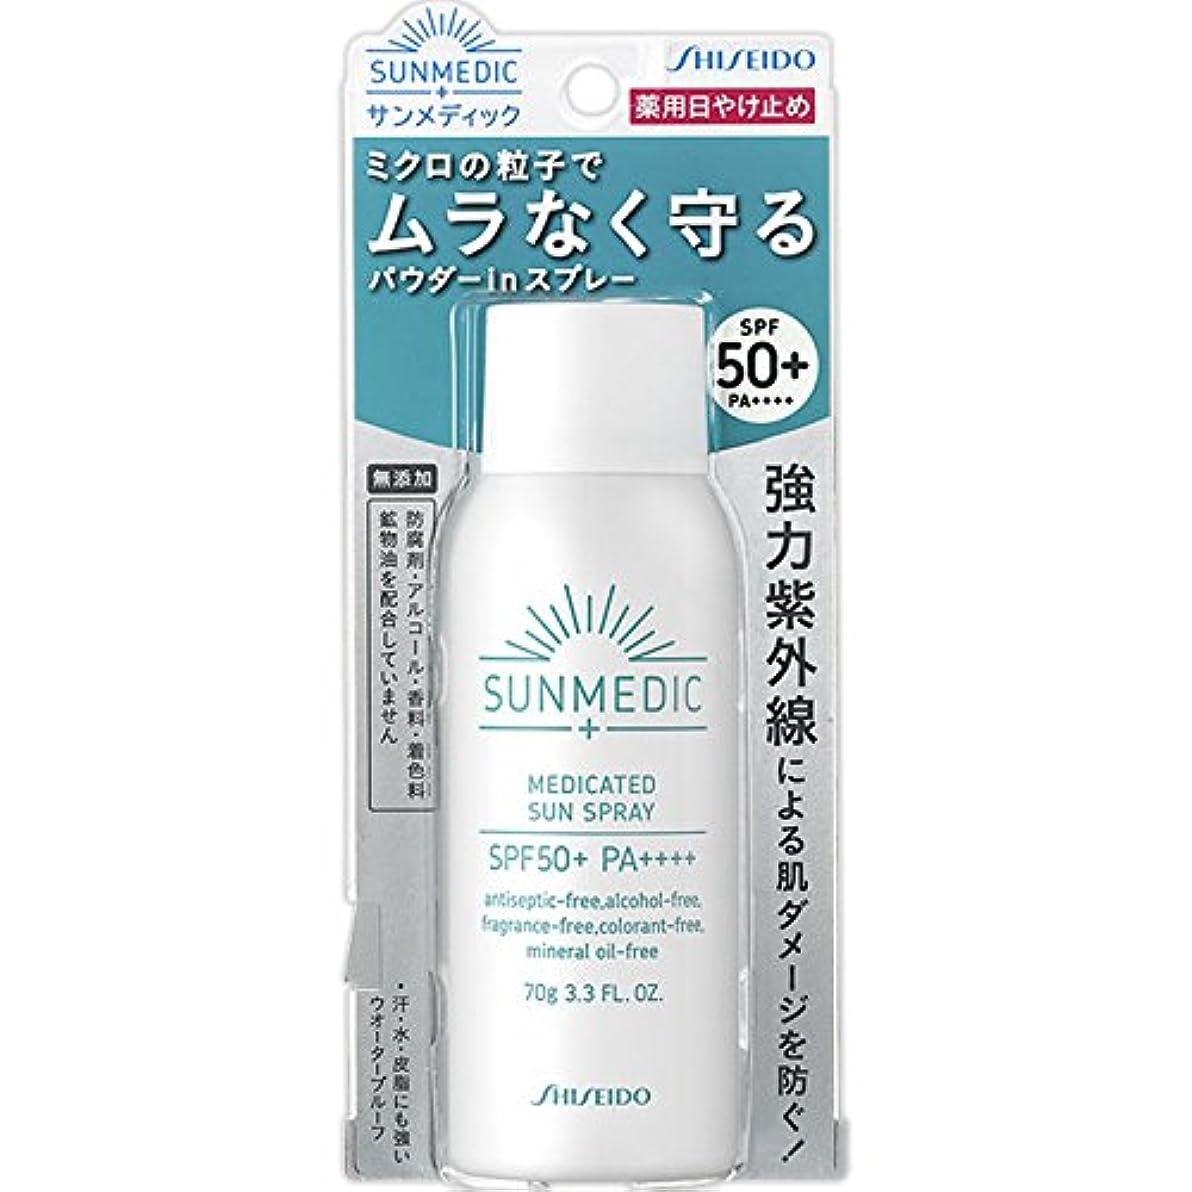 サンメディックUV 薬用サンスプレー 70g (医薬部外品)